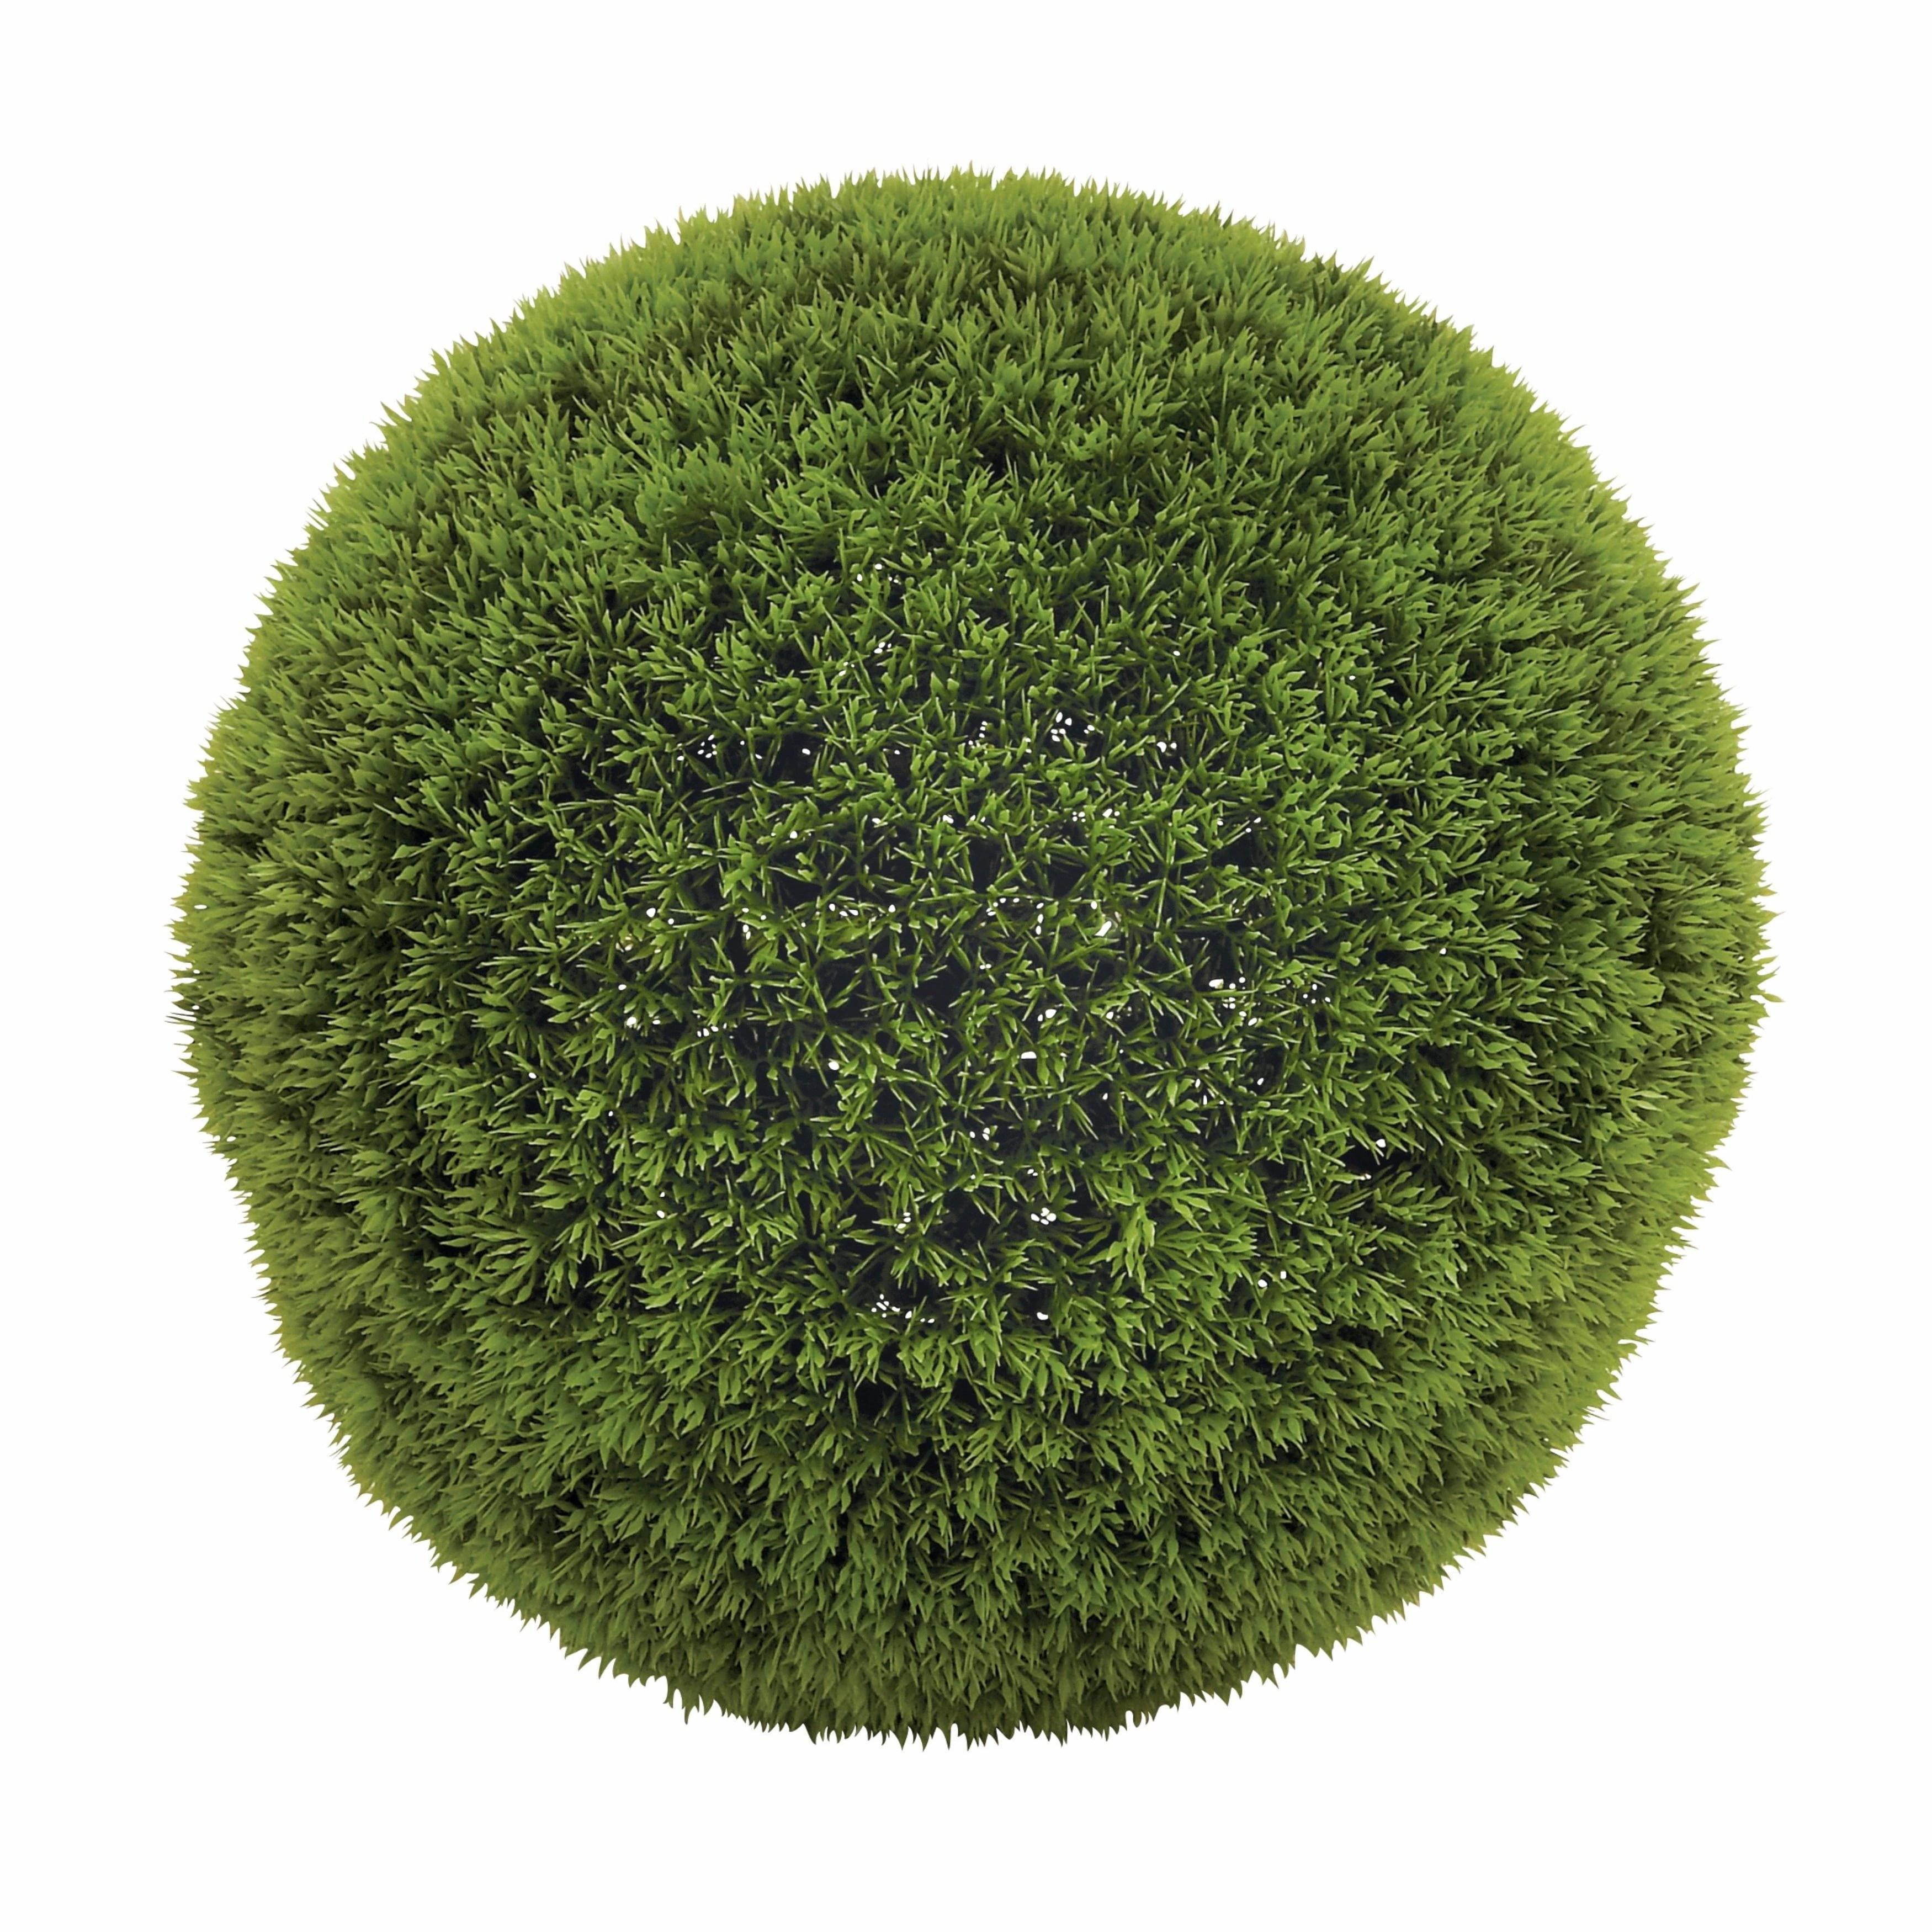 Clay Alder Home Hueguenot Green Vinyl Grass 15-inch Decorative Ball